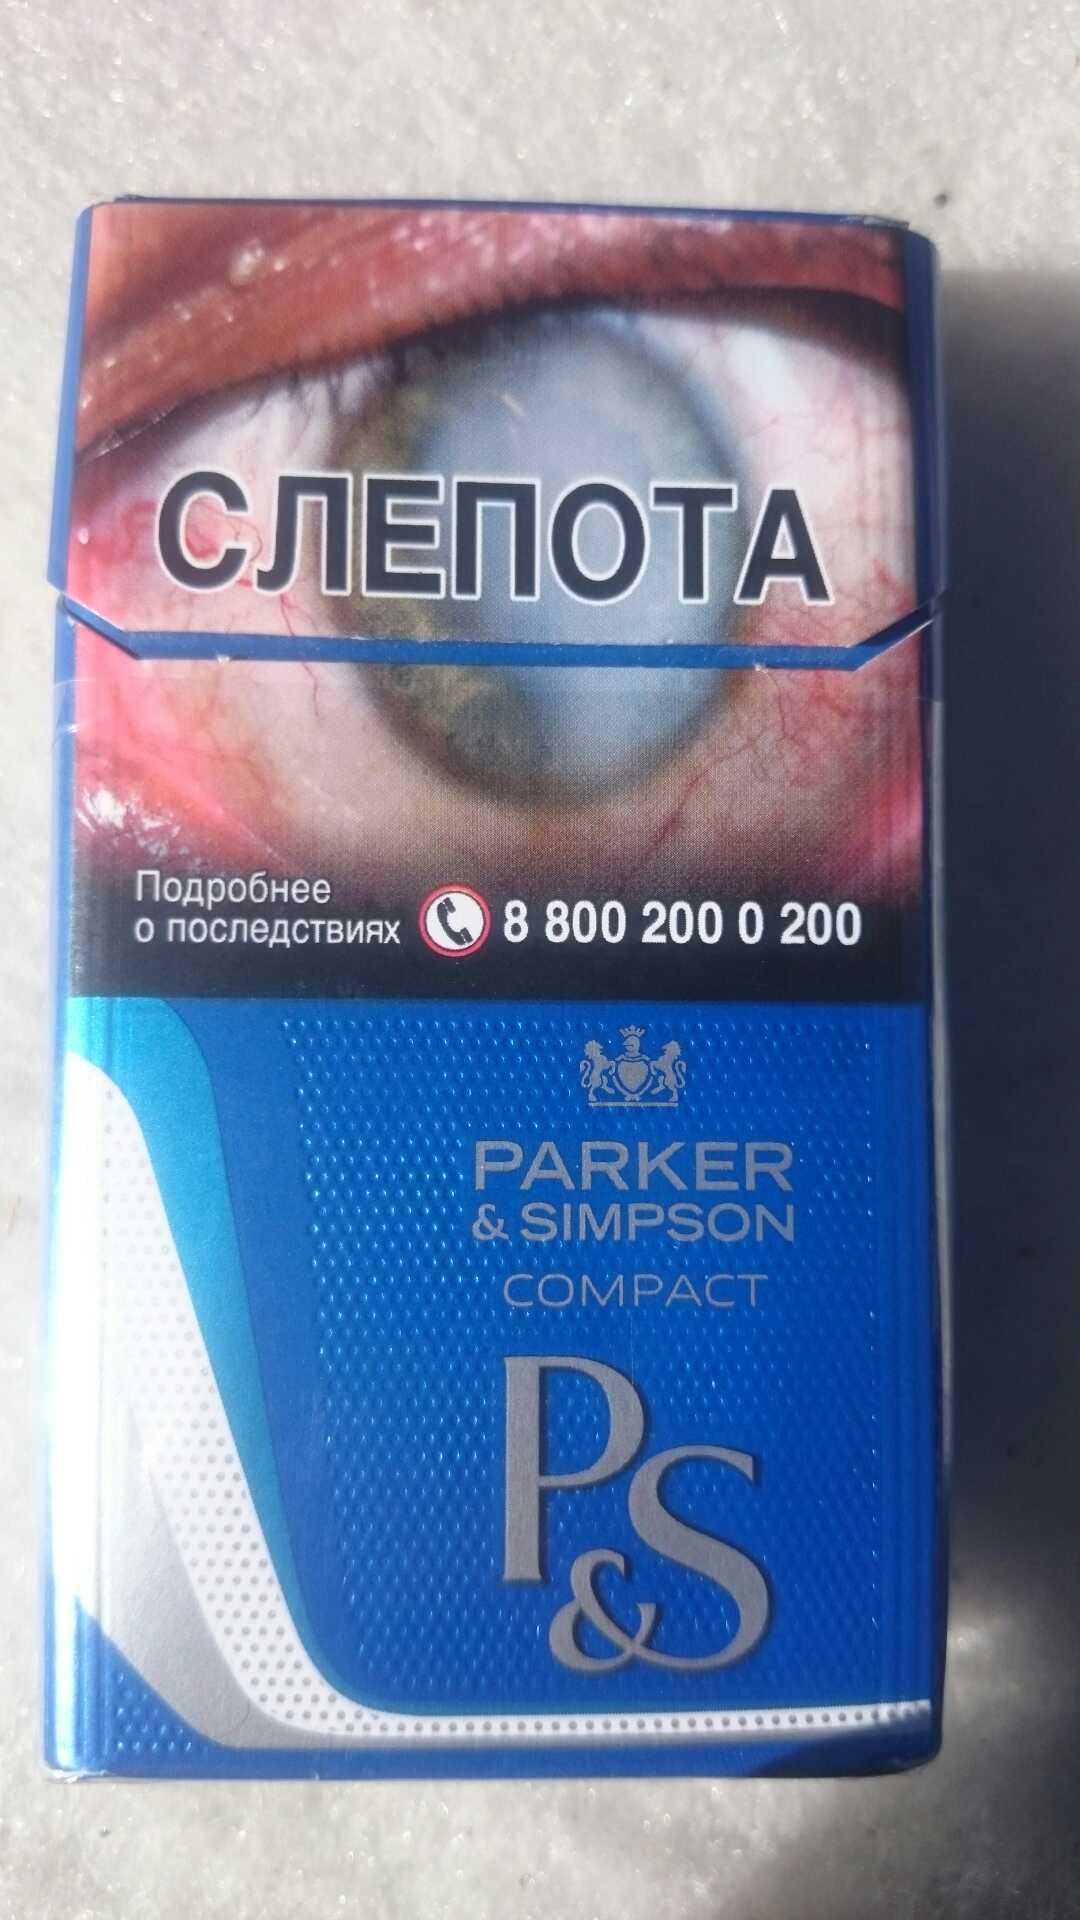 Купить сигареты ps компакт купить сигареты в новосибирске цена